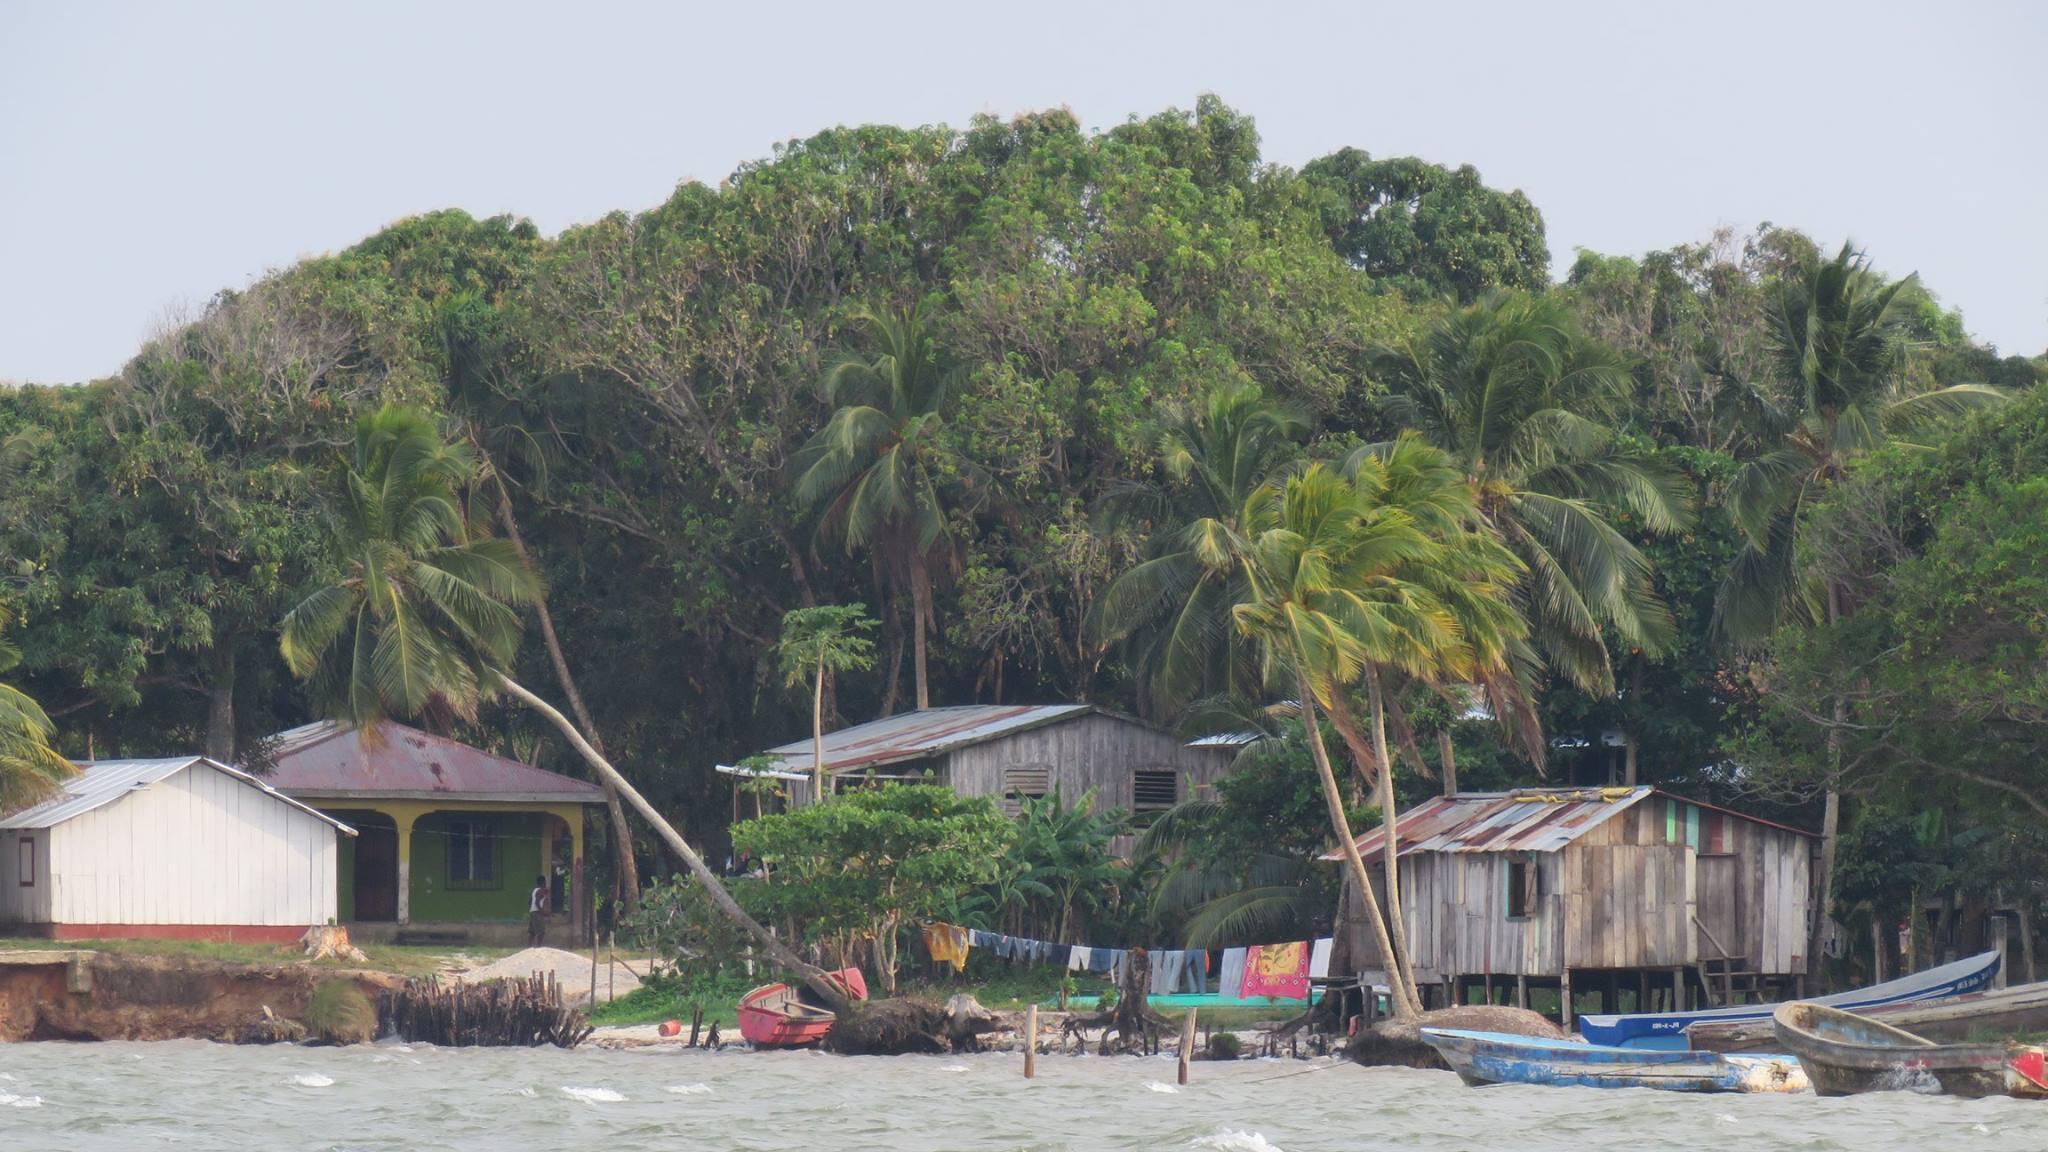 Las poblaciones viven aisladas en esta región de la mosquitia hondureña.